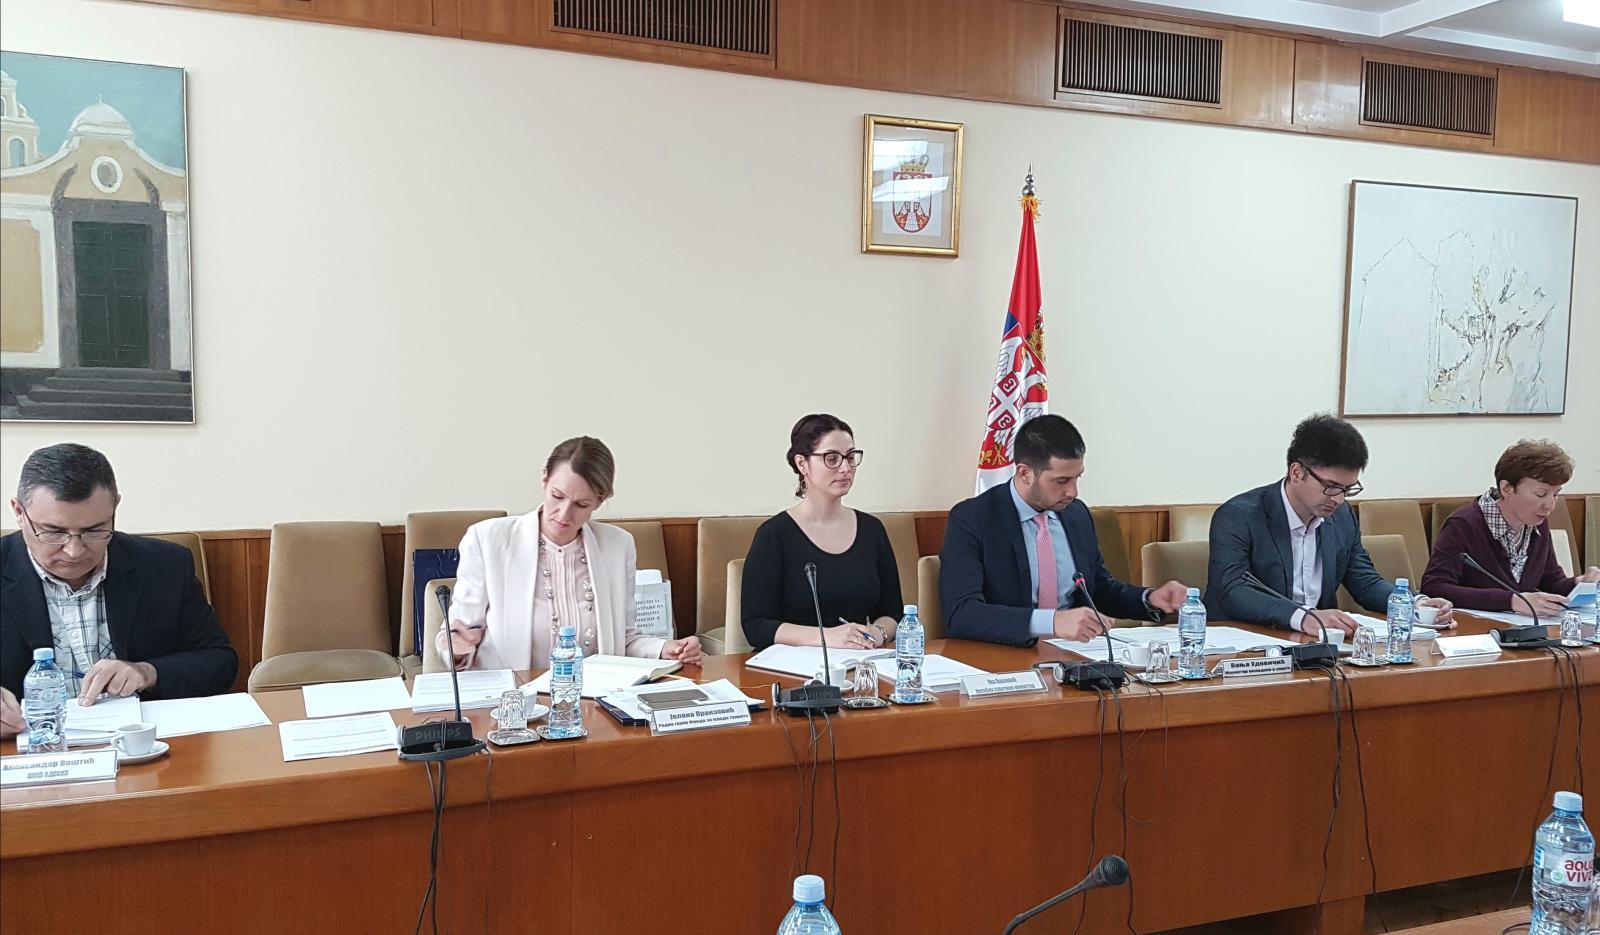 Усвојена листа добитника 1293 стипендије Фонда за младе таленте за студије у Републици Србији